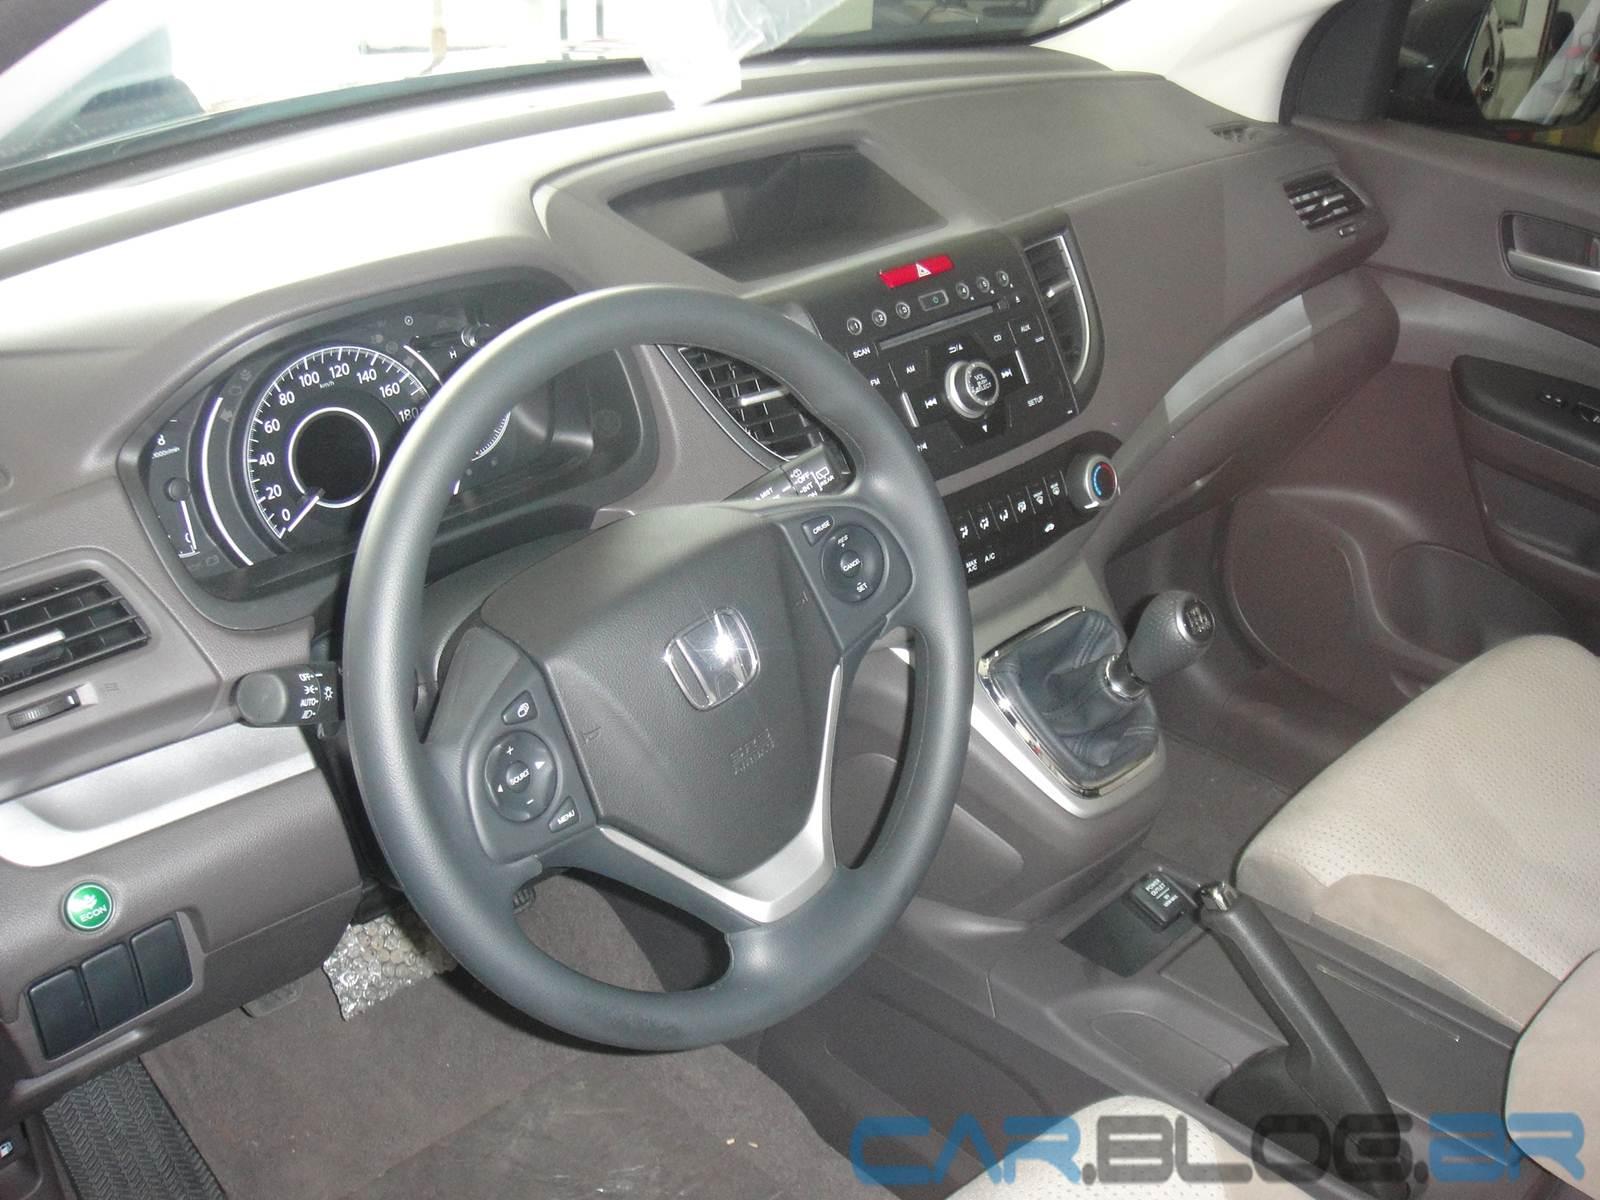 Honda cr v lx mec nico 2013 fotos pre o consumo e ficha for Honda cr v 2013 interior